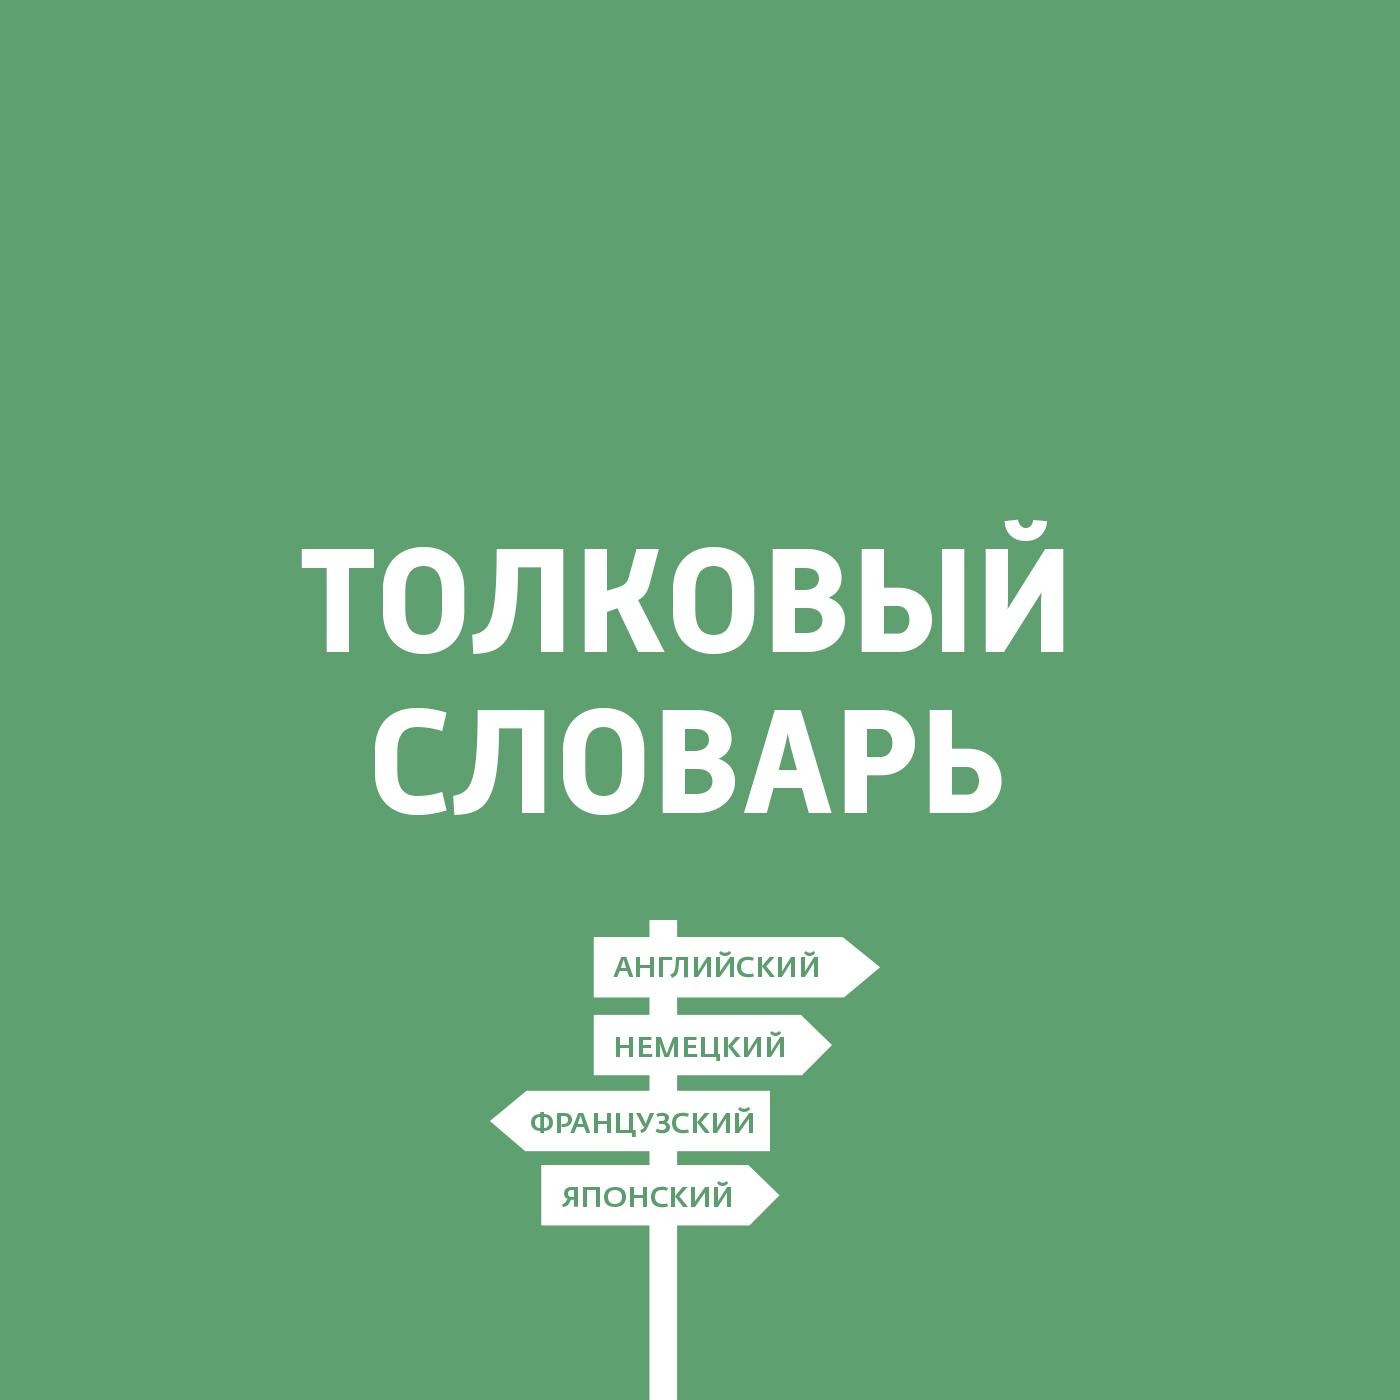 Дмитрий Петров Семитские языки. Часть 1 цены